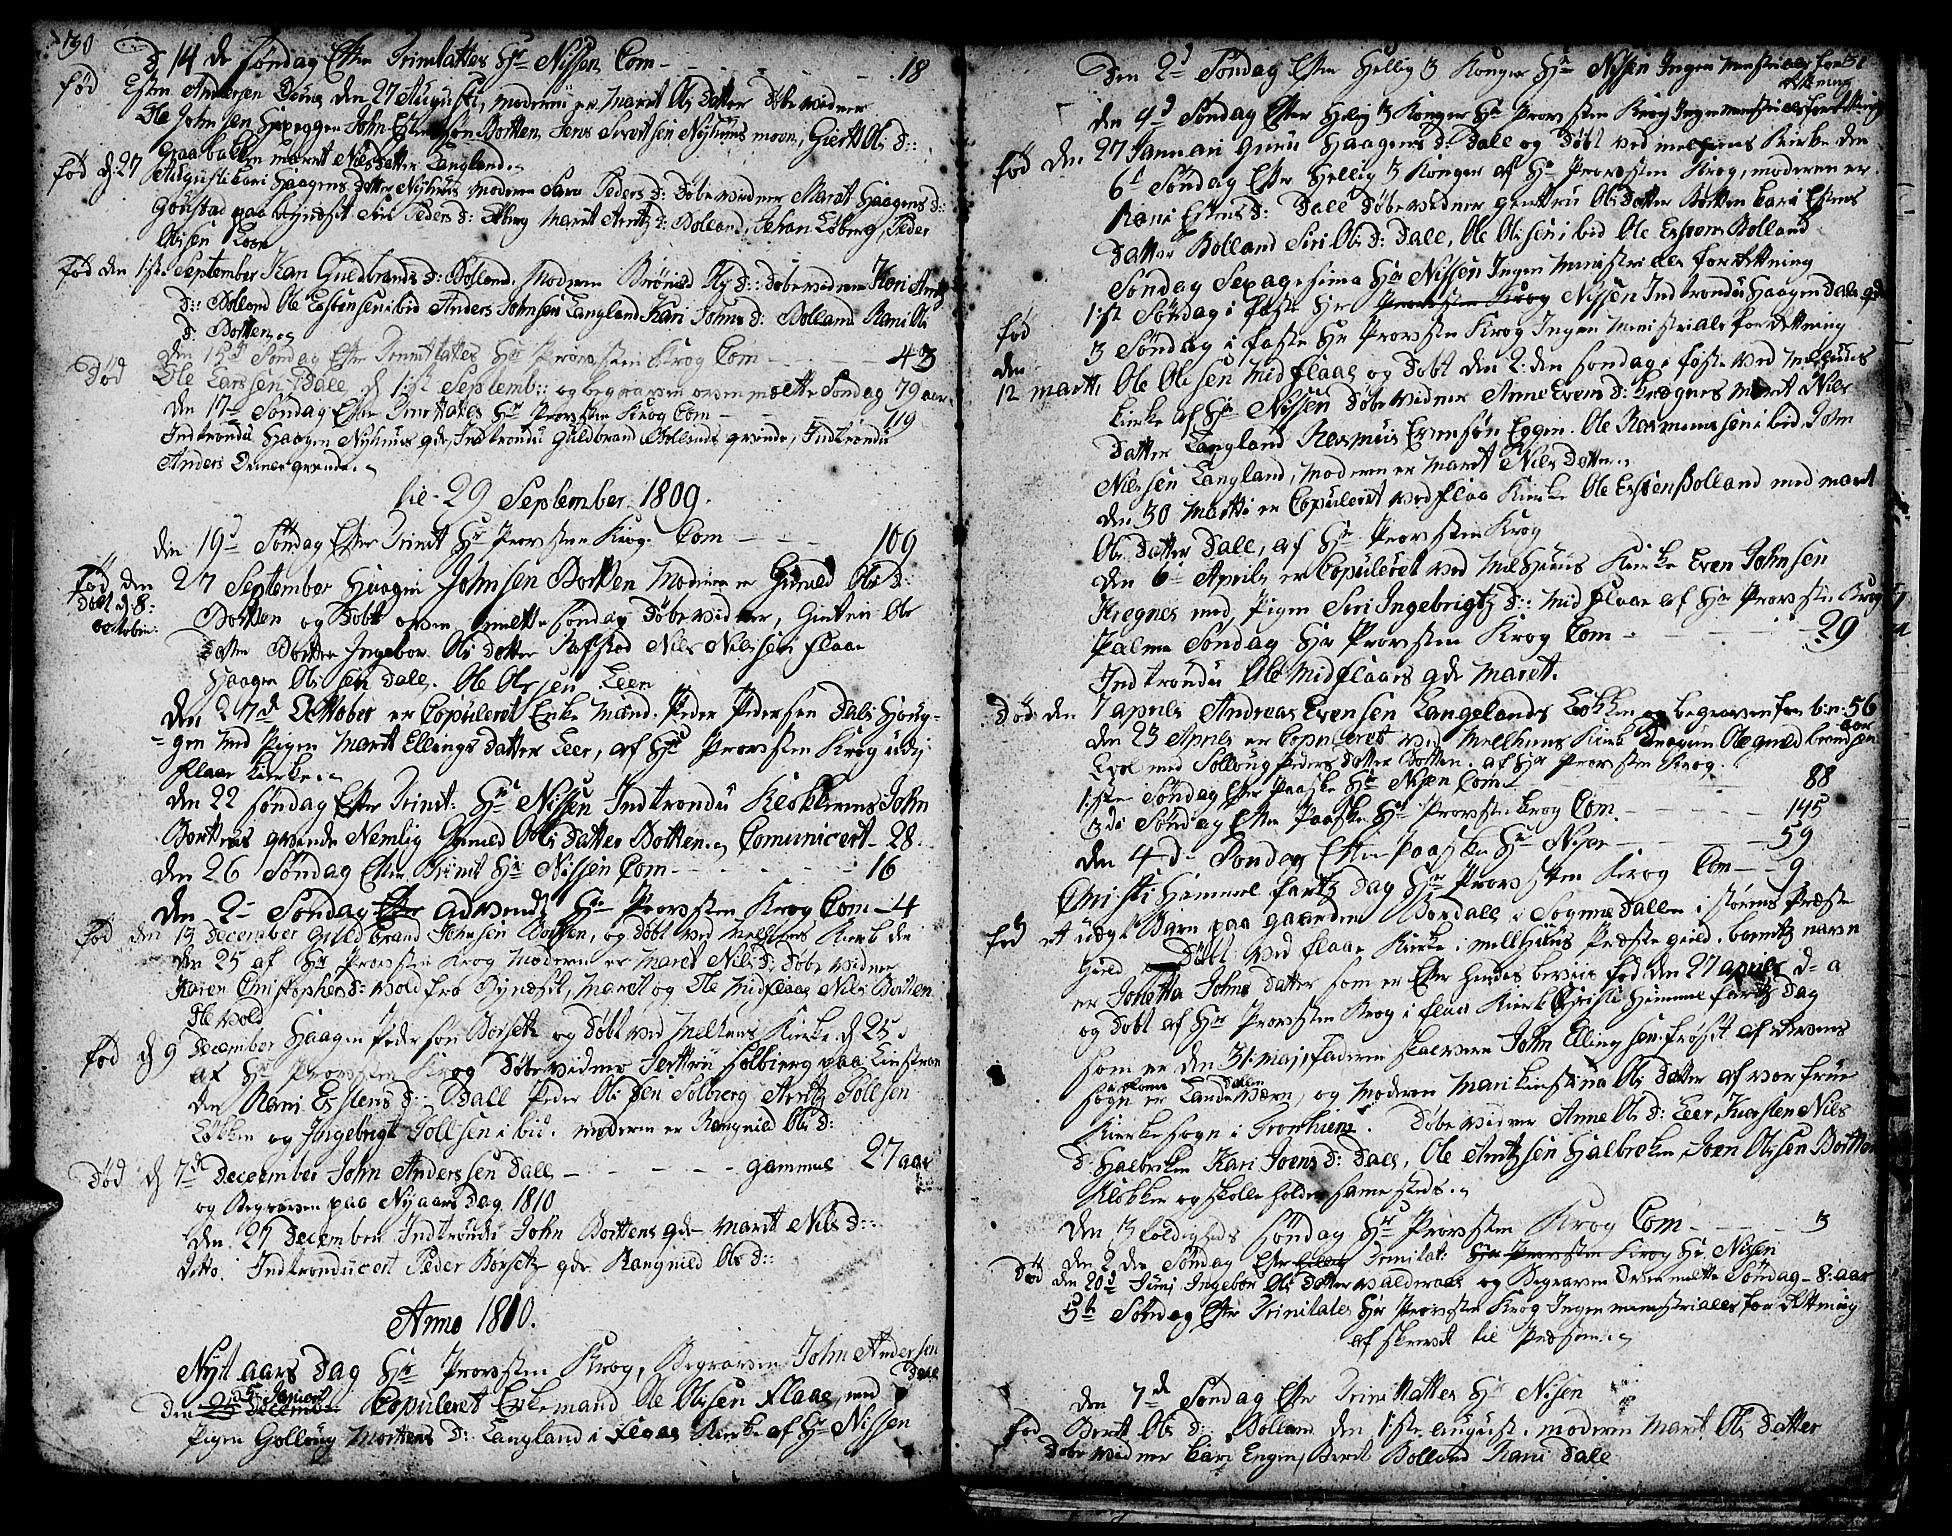 SAT, Ministerialprotokoller, klokkerbøker og fødselsregistre - Sør-Trøndelag, 693/L1120: Klokkerbok nr. 693C01, 1799-1816, s. 30-31